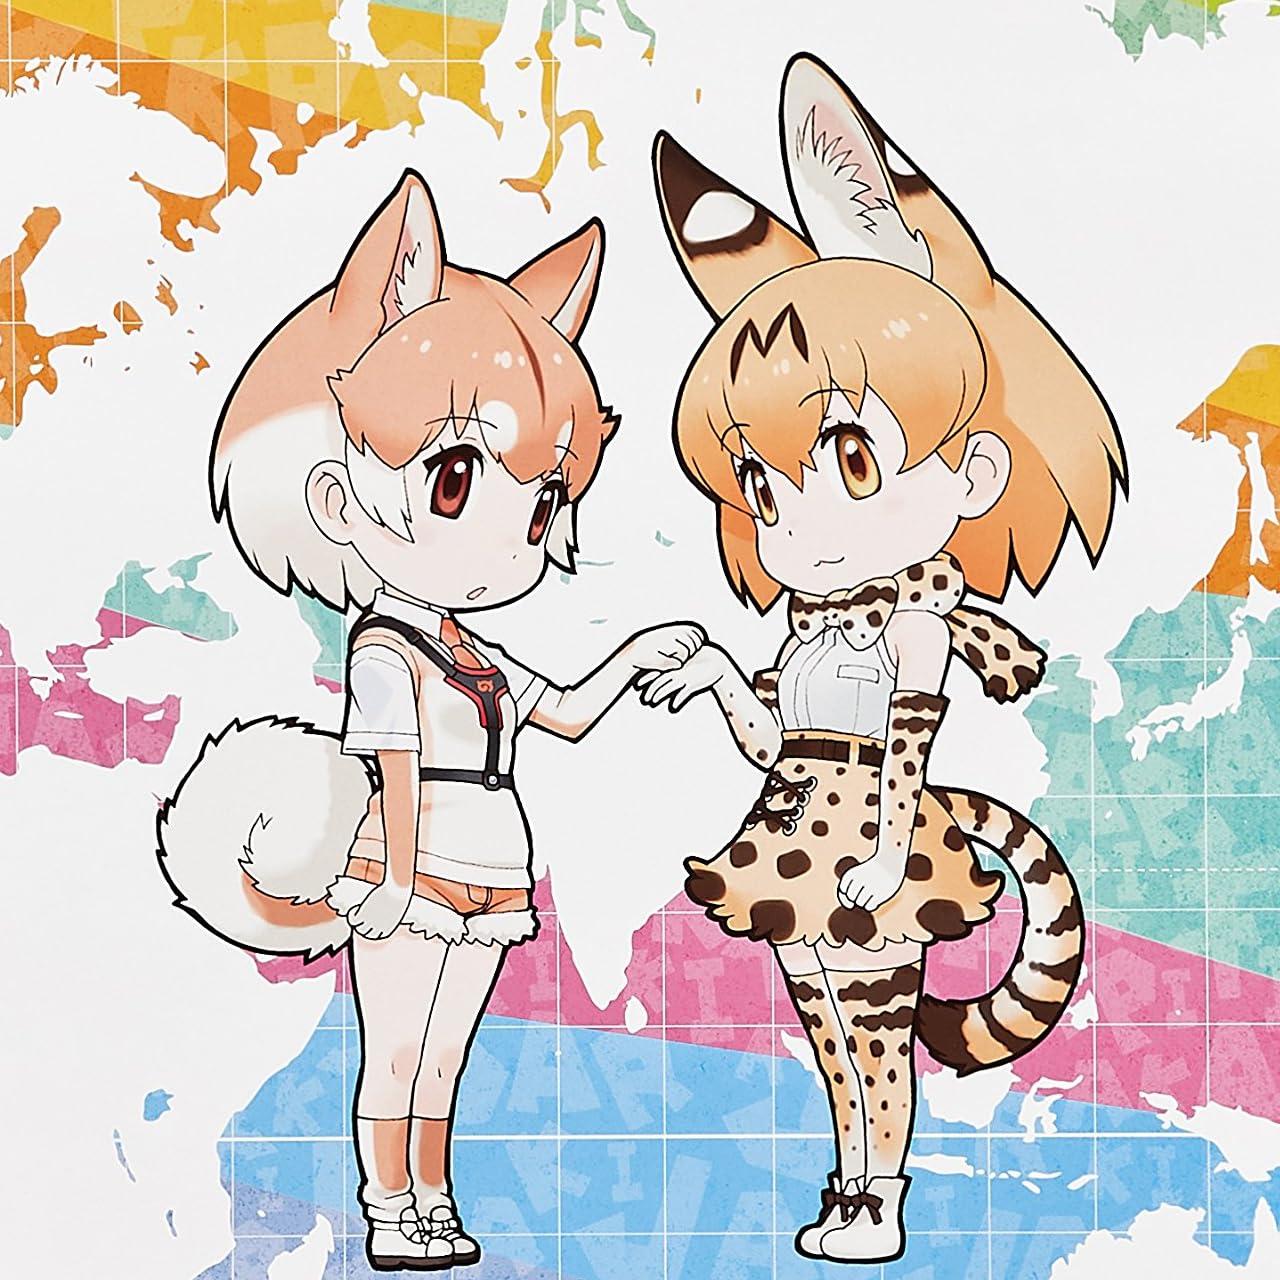 けものフレンズ Ipad壁紙 オグロプレーリードッグ サーバル アニメ